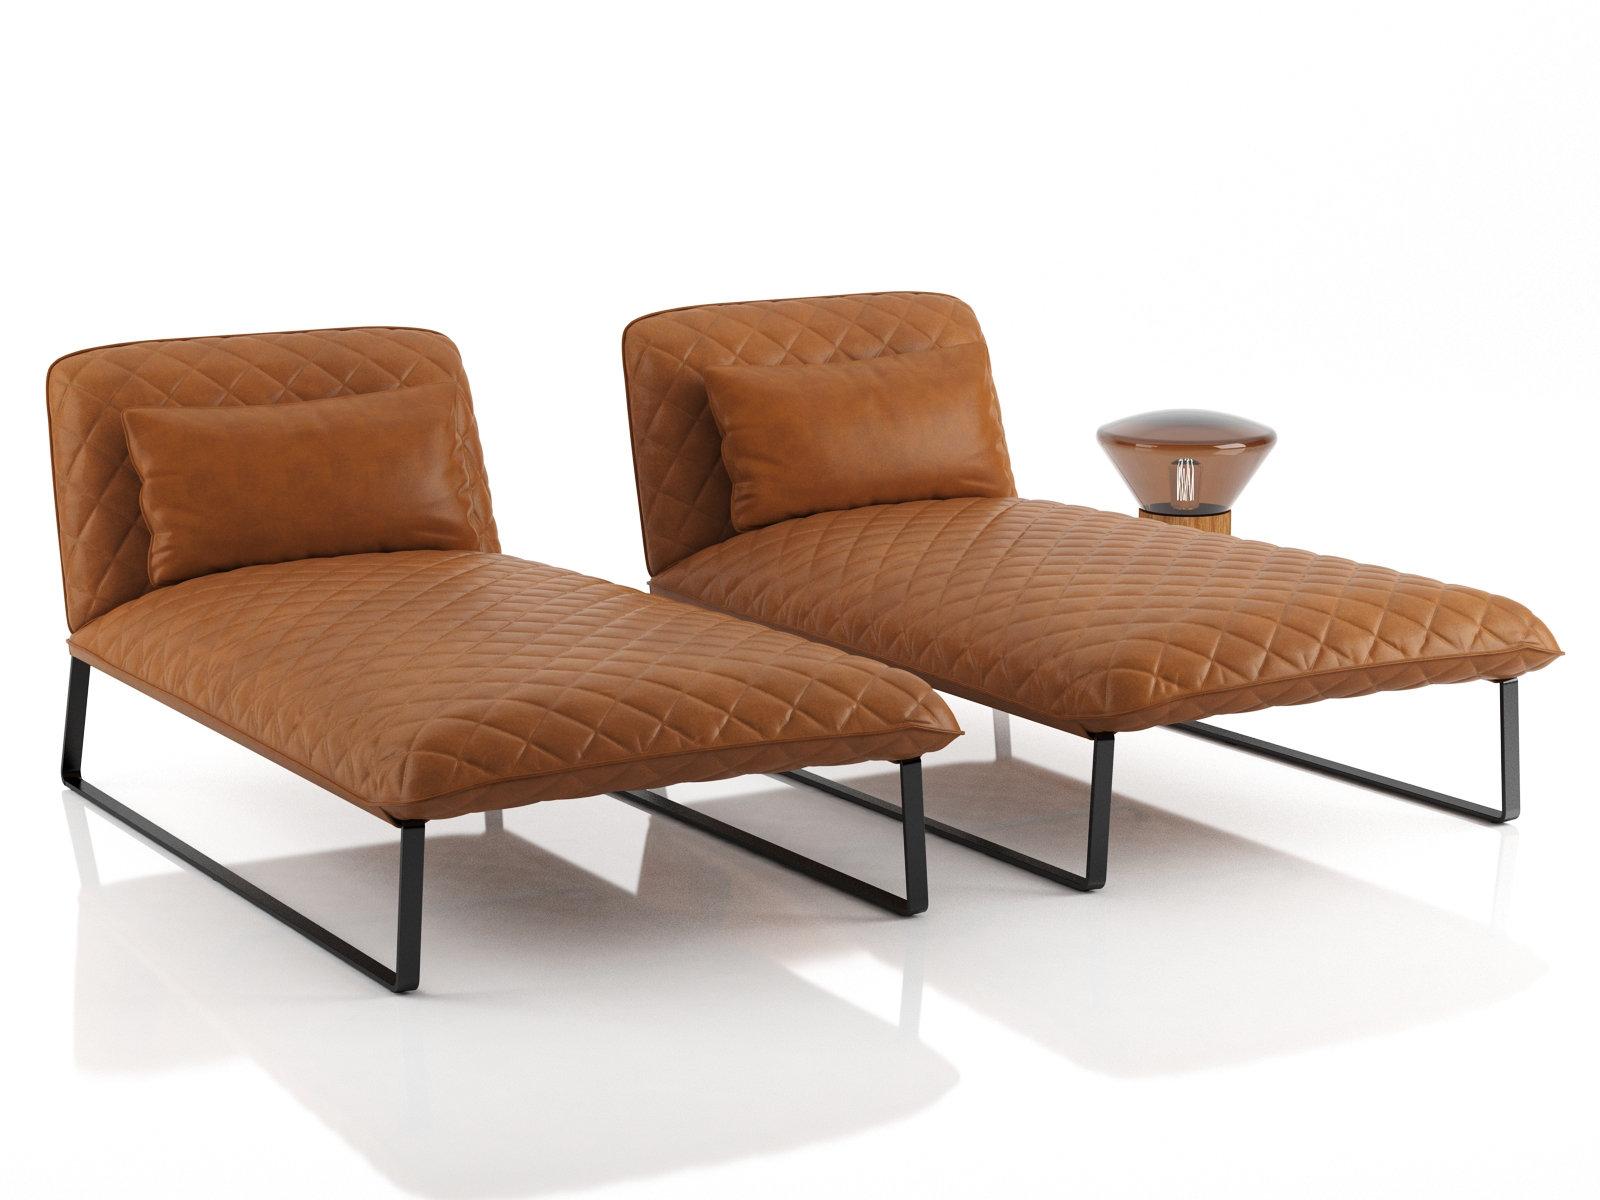 Kekke chaise longue 3d model piet boon for Chaise 3d dessin